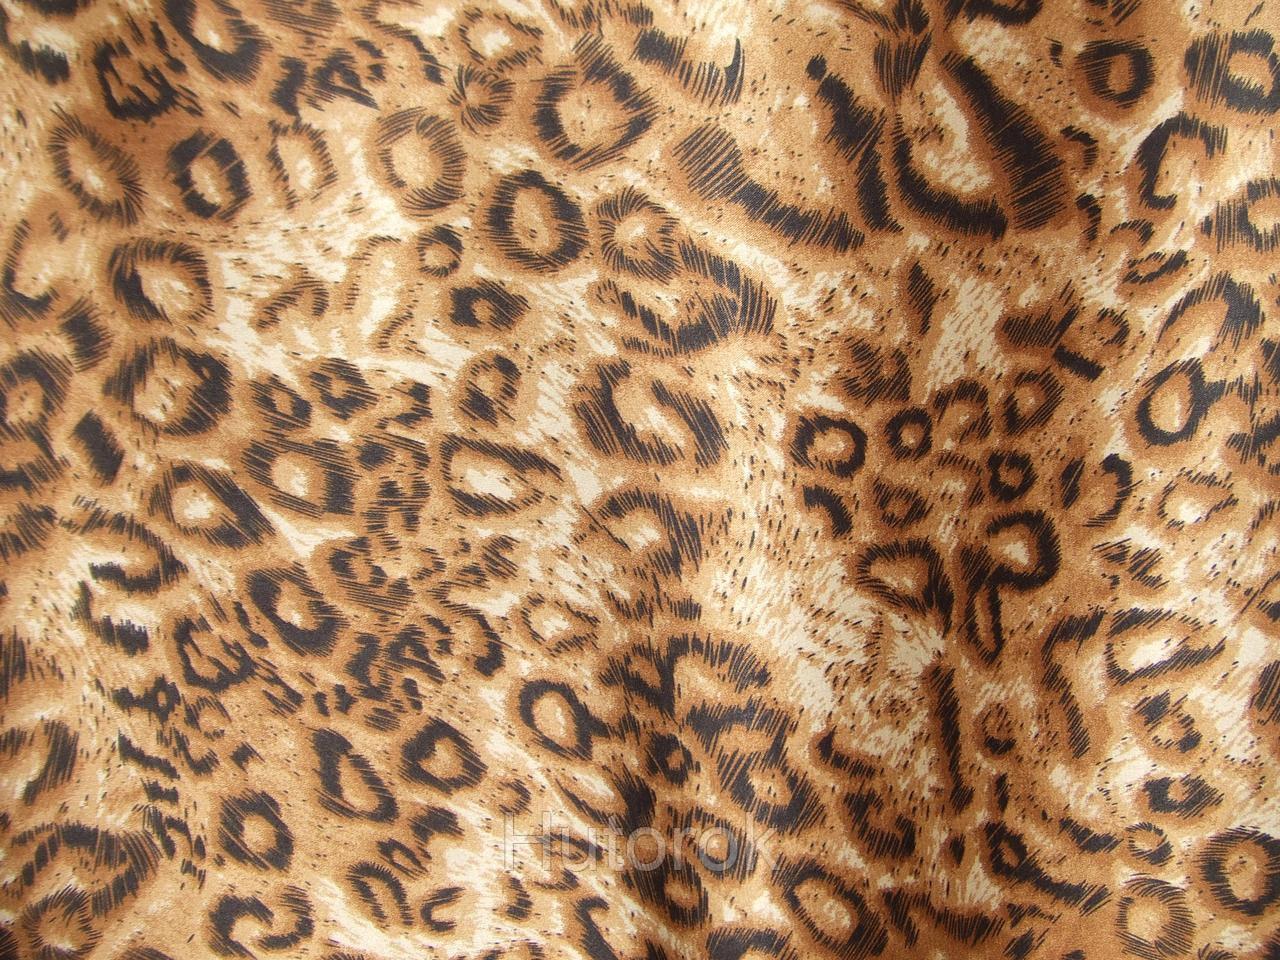 Атлас принт леопард